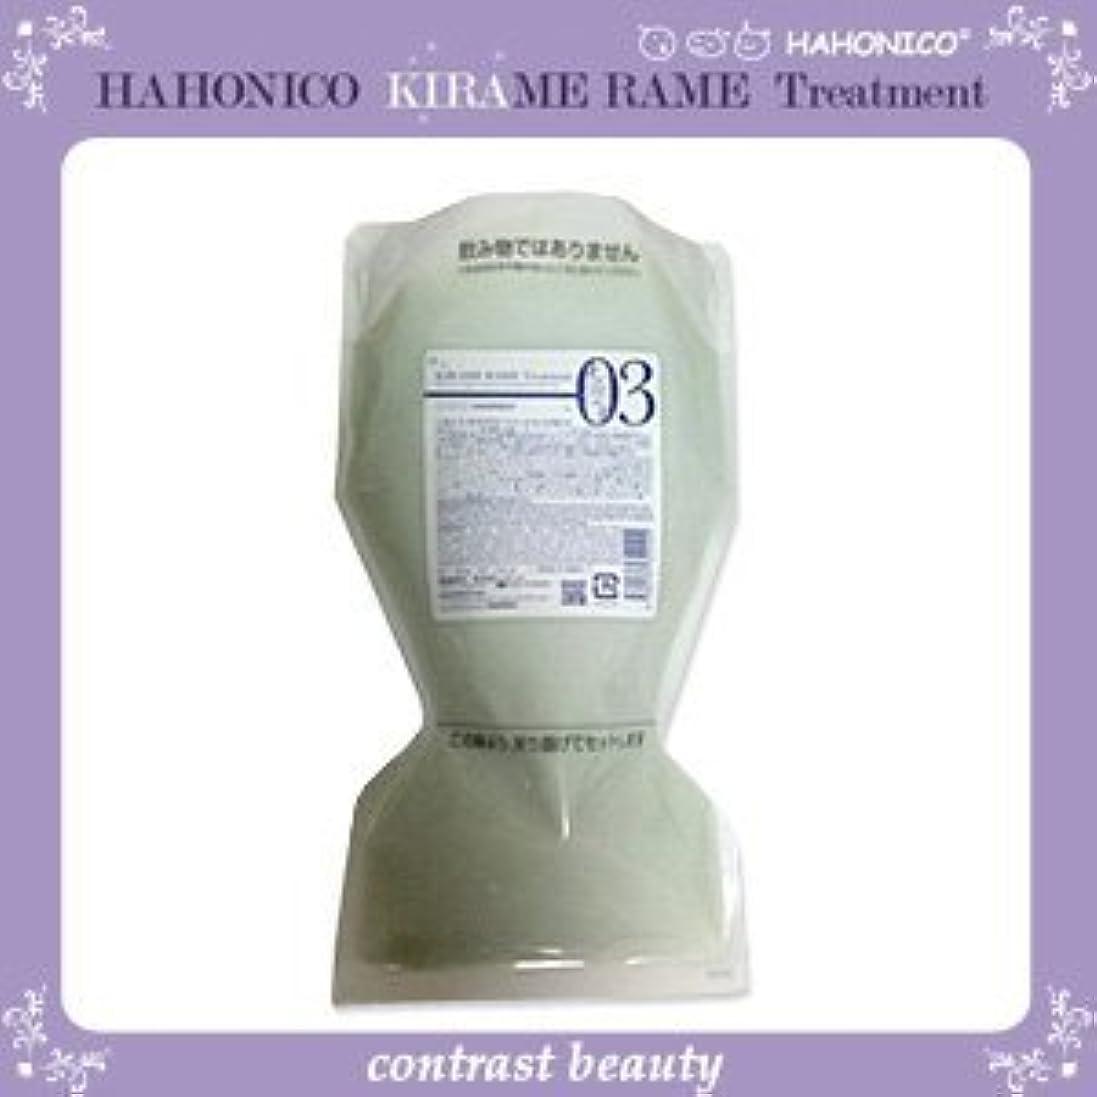 満了処分した倒産ハホニコ キラメラメ トリートメントNo.3 500g(詰め替え) KIRAME RAME HAHONICO